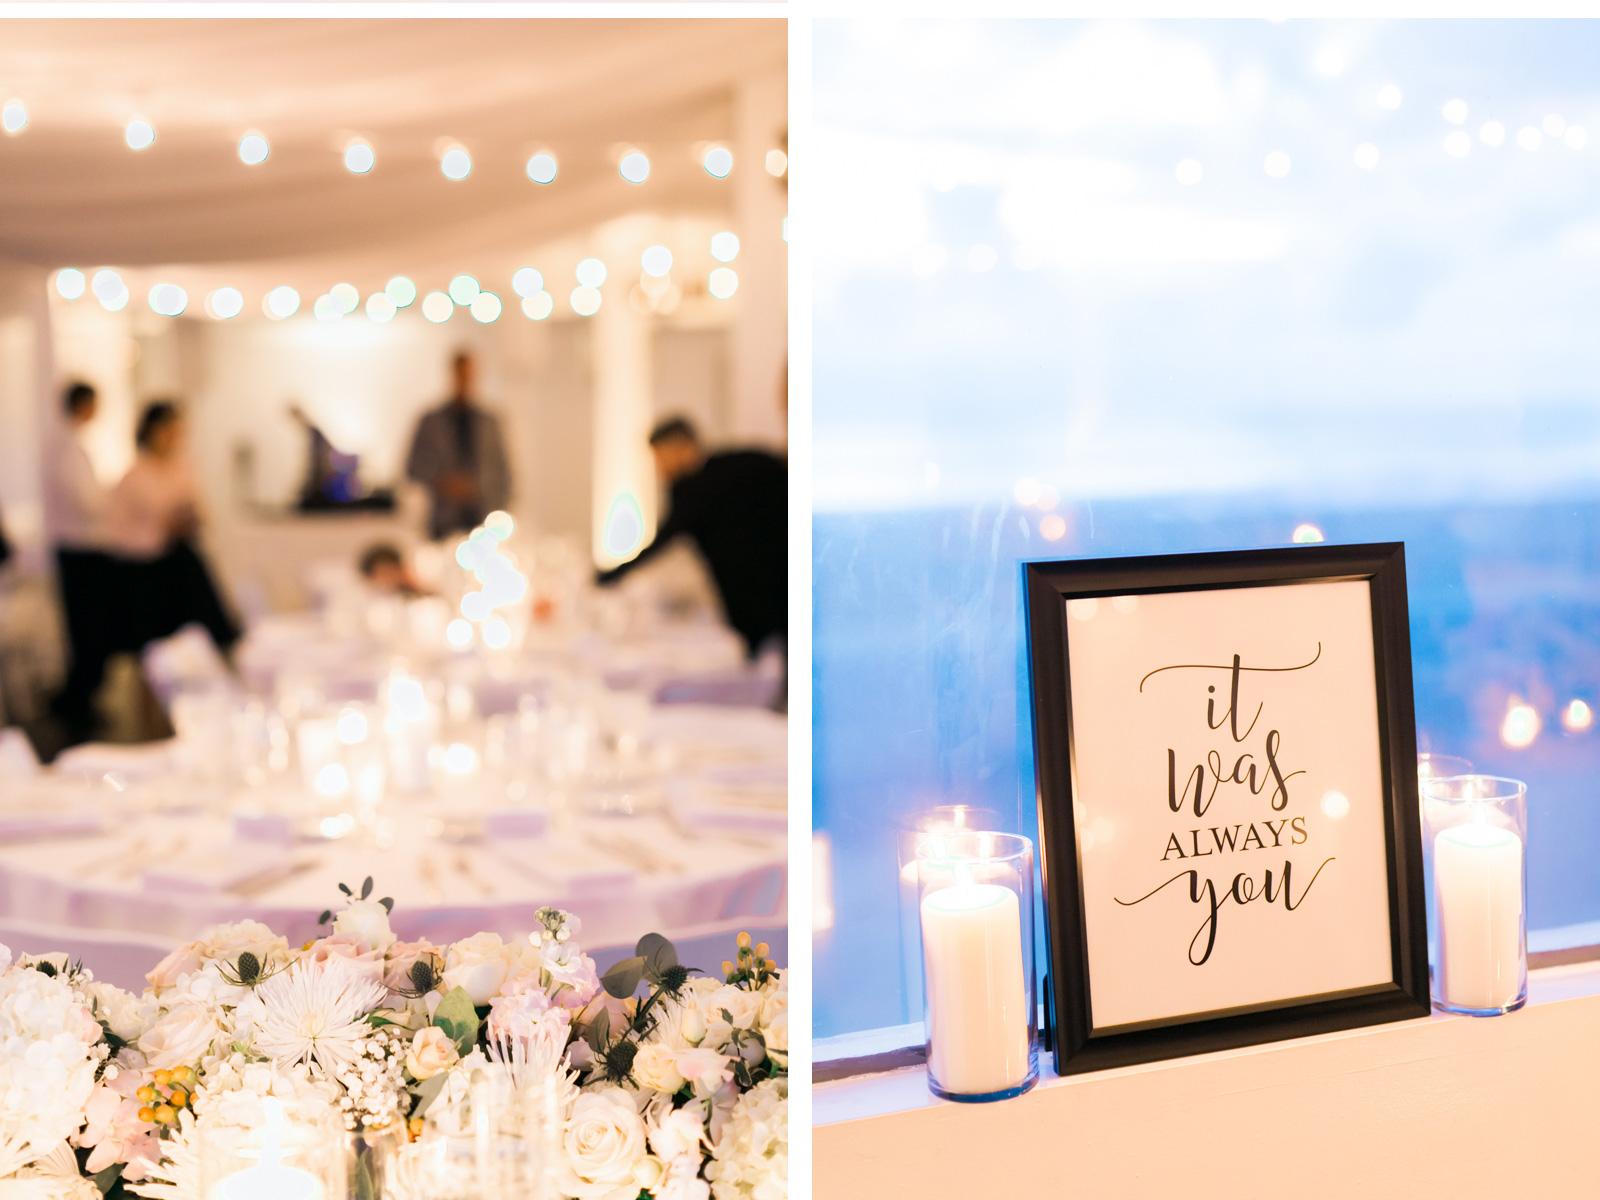 Sunset-Restaurant-Wedding-Natalie-Schutt-Photography_01_05.jpg